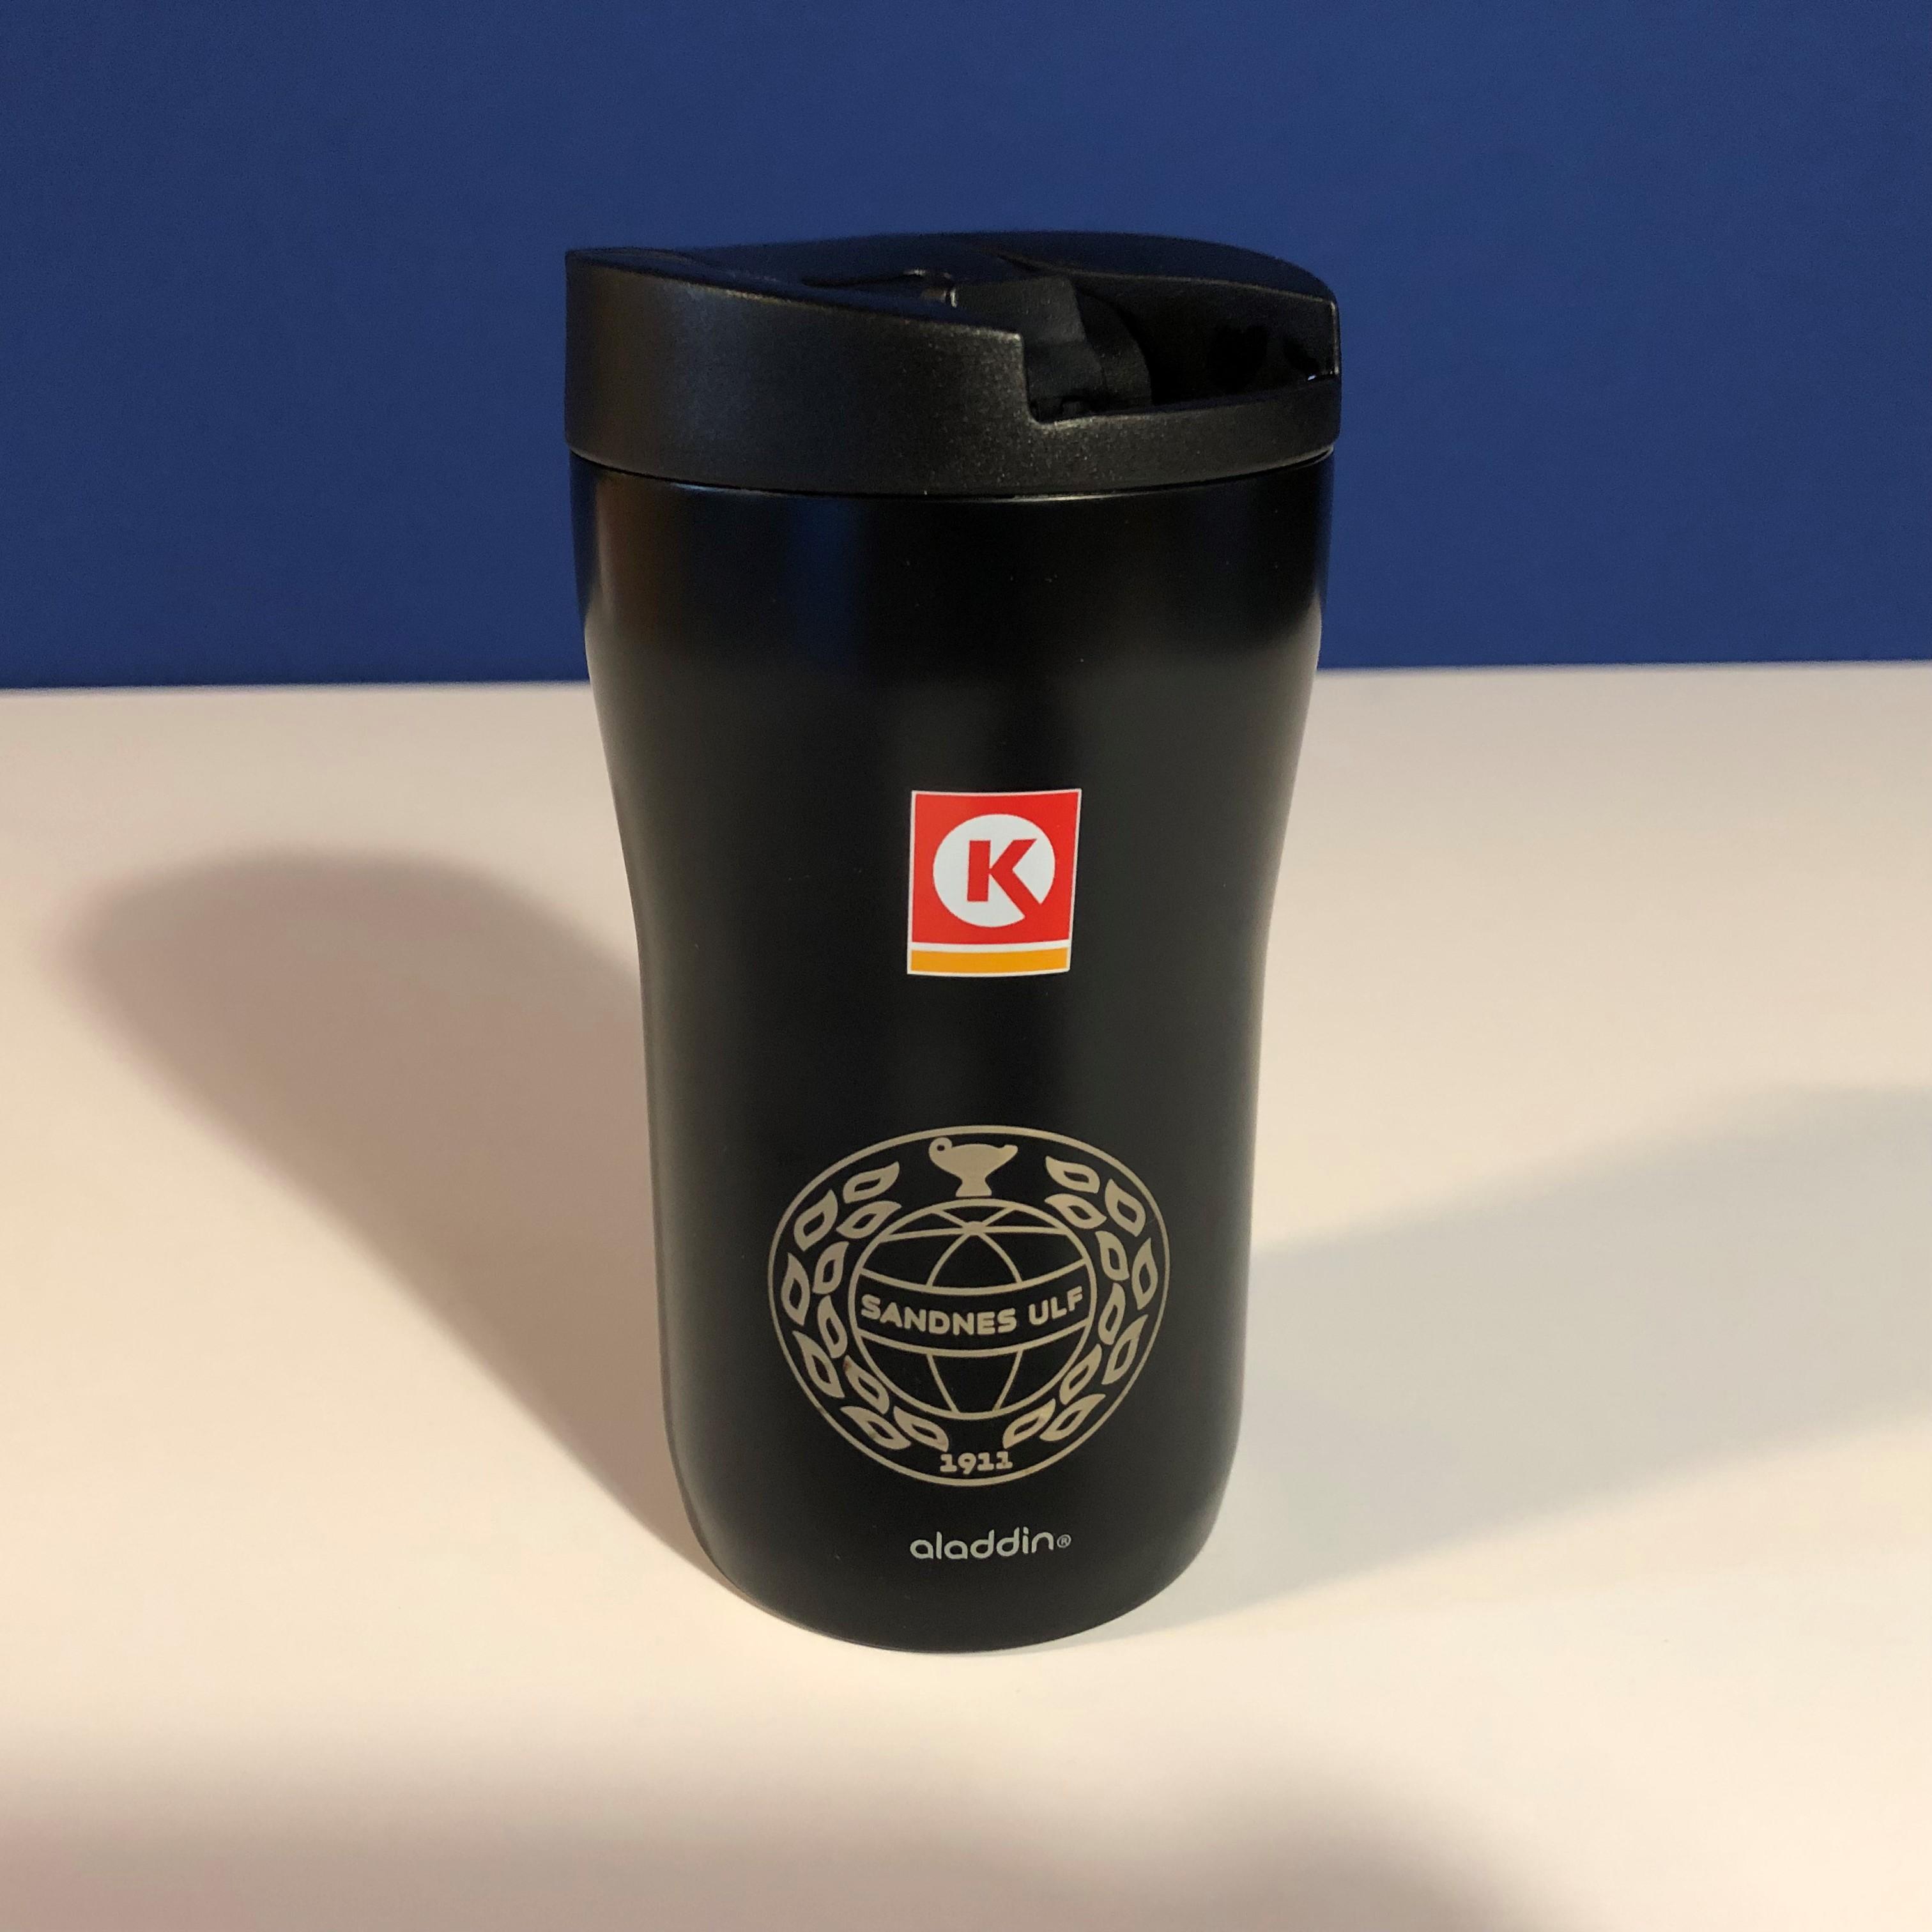 Circle K-kopp 2019 med inngravert logo